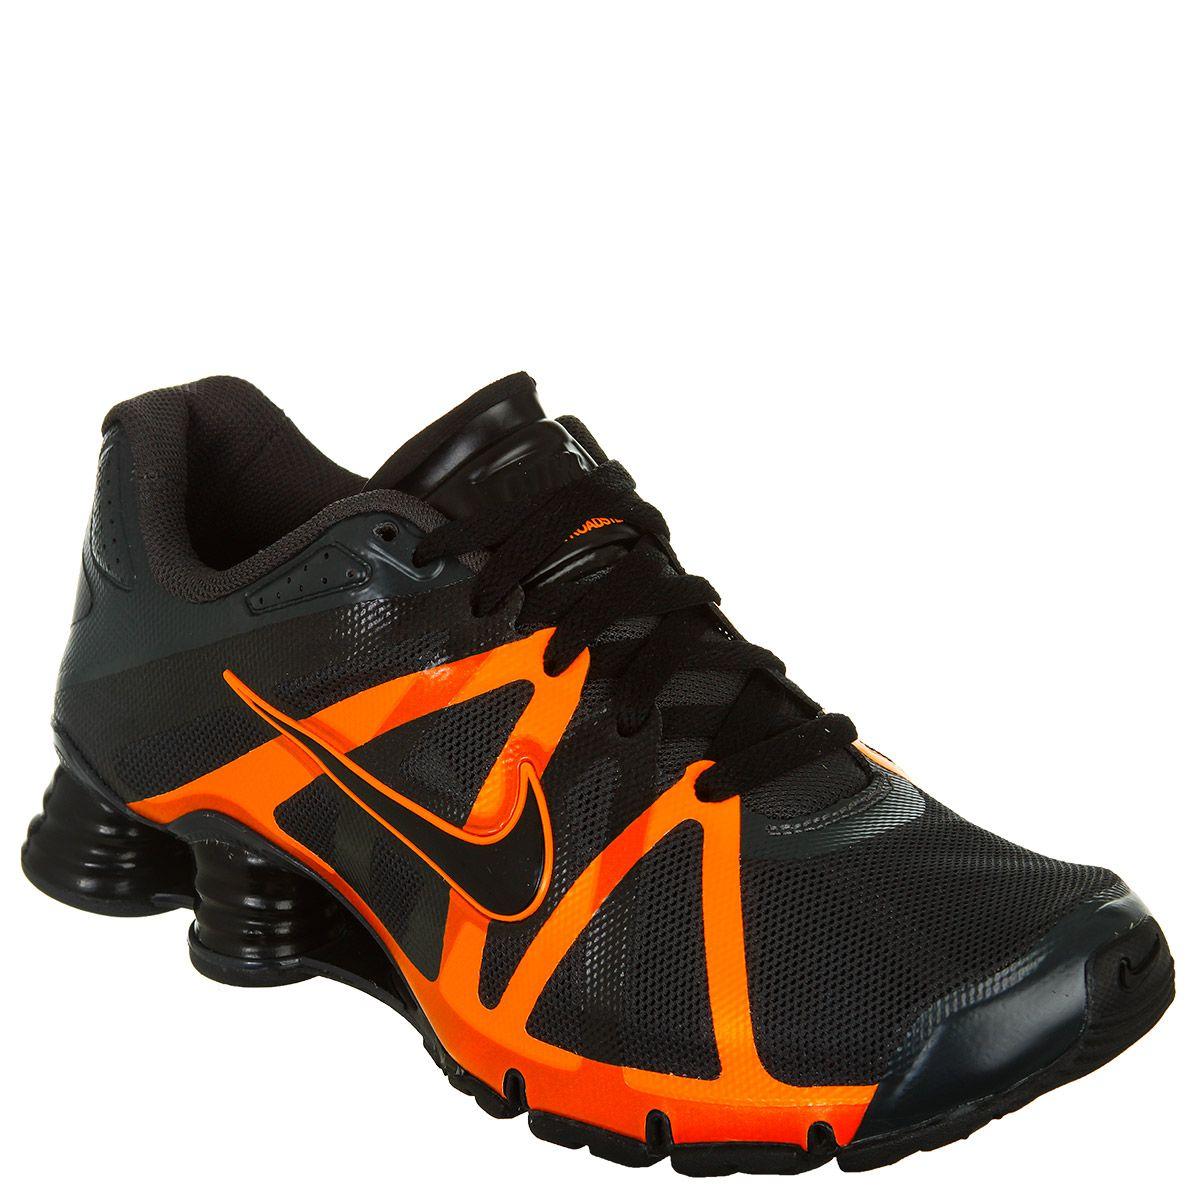 4205868312d ... masculino Leilão Relâmpago 1 hora Tênis Nike Shox Roadster+ -  PretoLaranja .